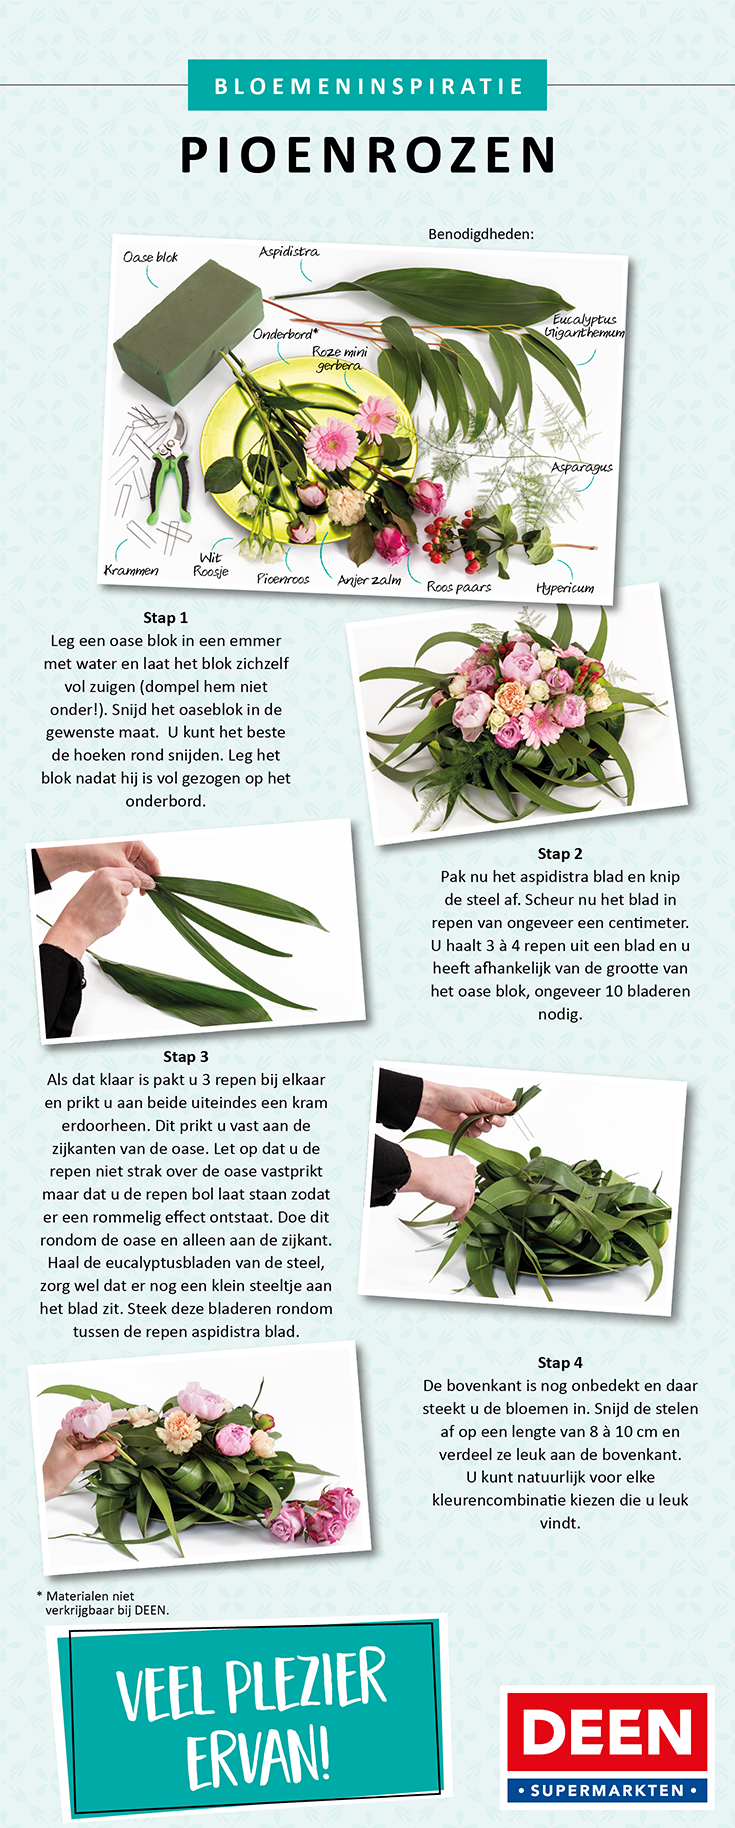 bloemen inspiratie van deen supermarkten, de enige echte